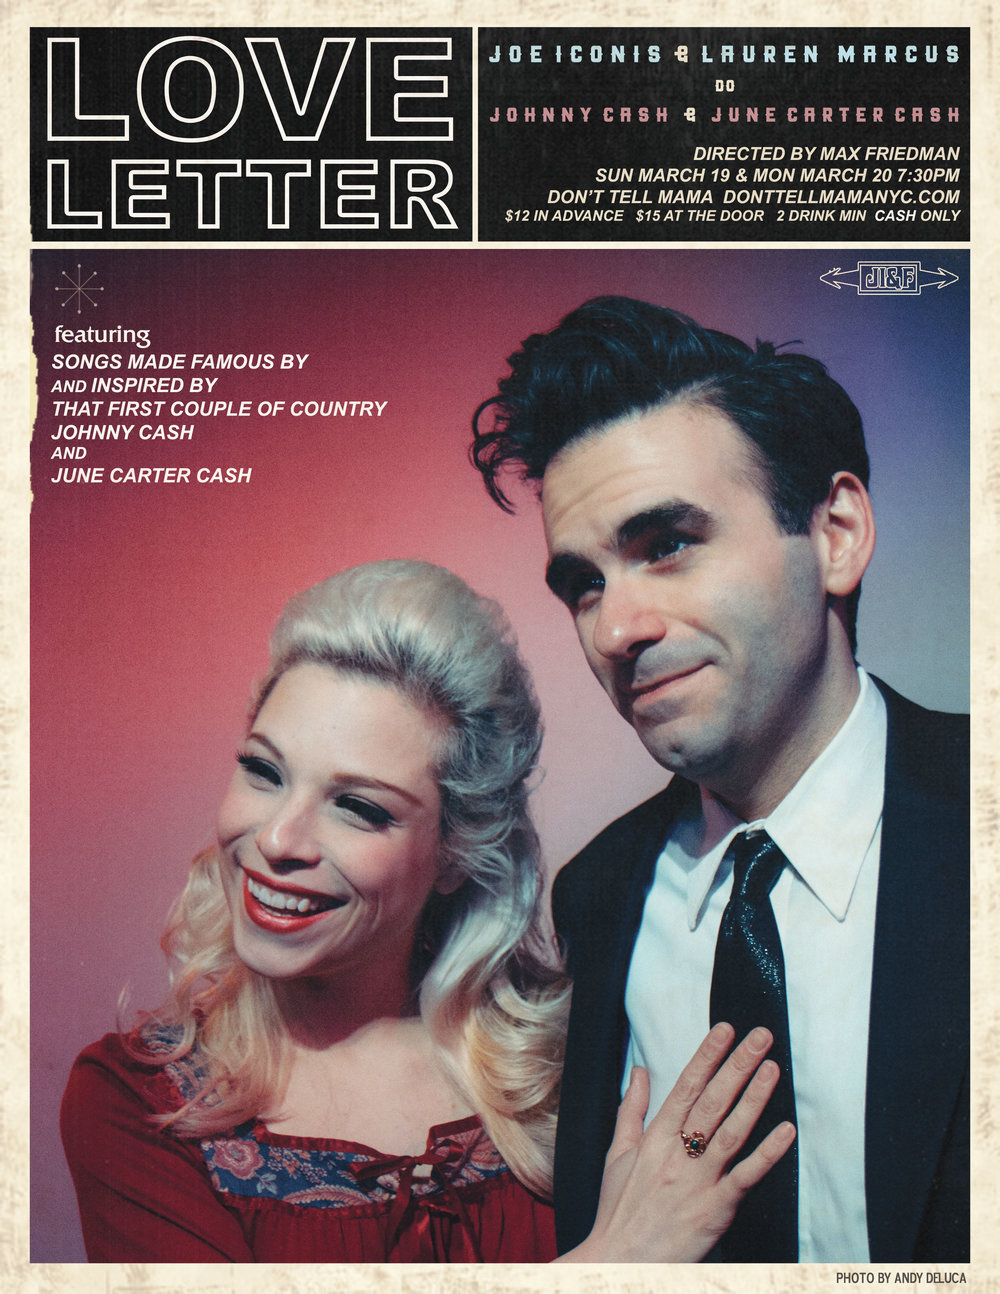 Love-Letter-Poster.jpg